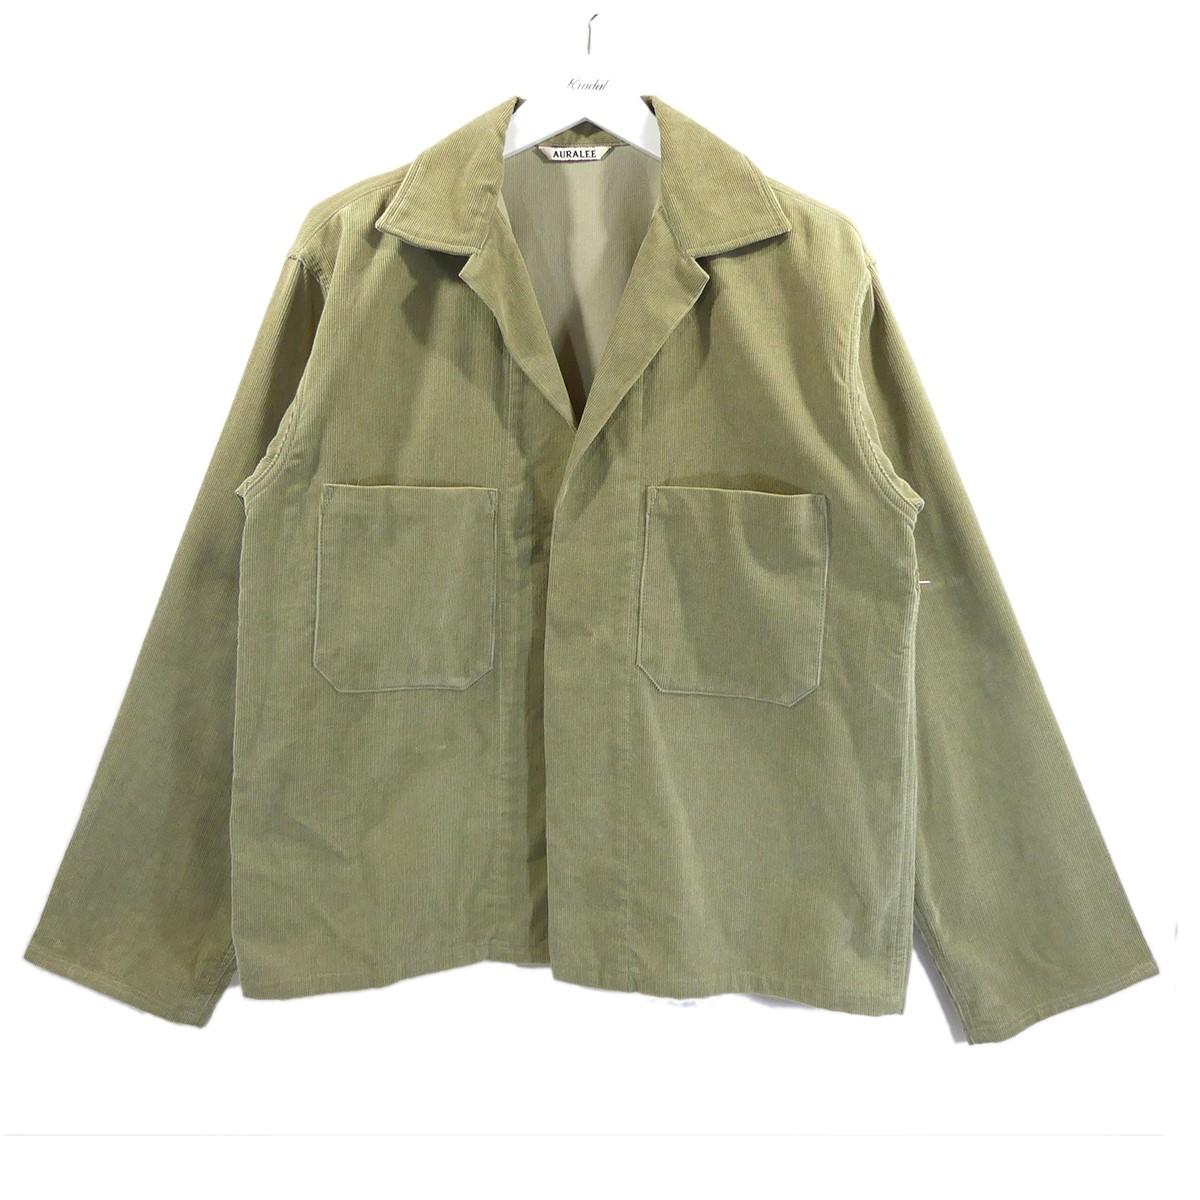 【中古】AURALEE コーデュロイシャツジャケット 18AW WASHED CORDUROY SHIRTS JACKET ベージュ サイズ:4 【310820】(オーラリー)